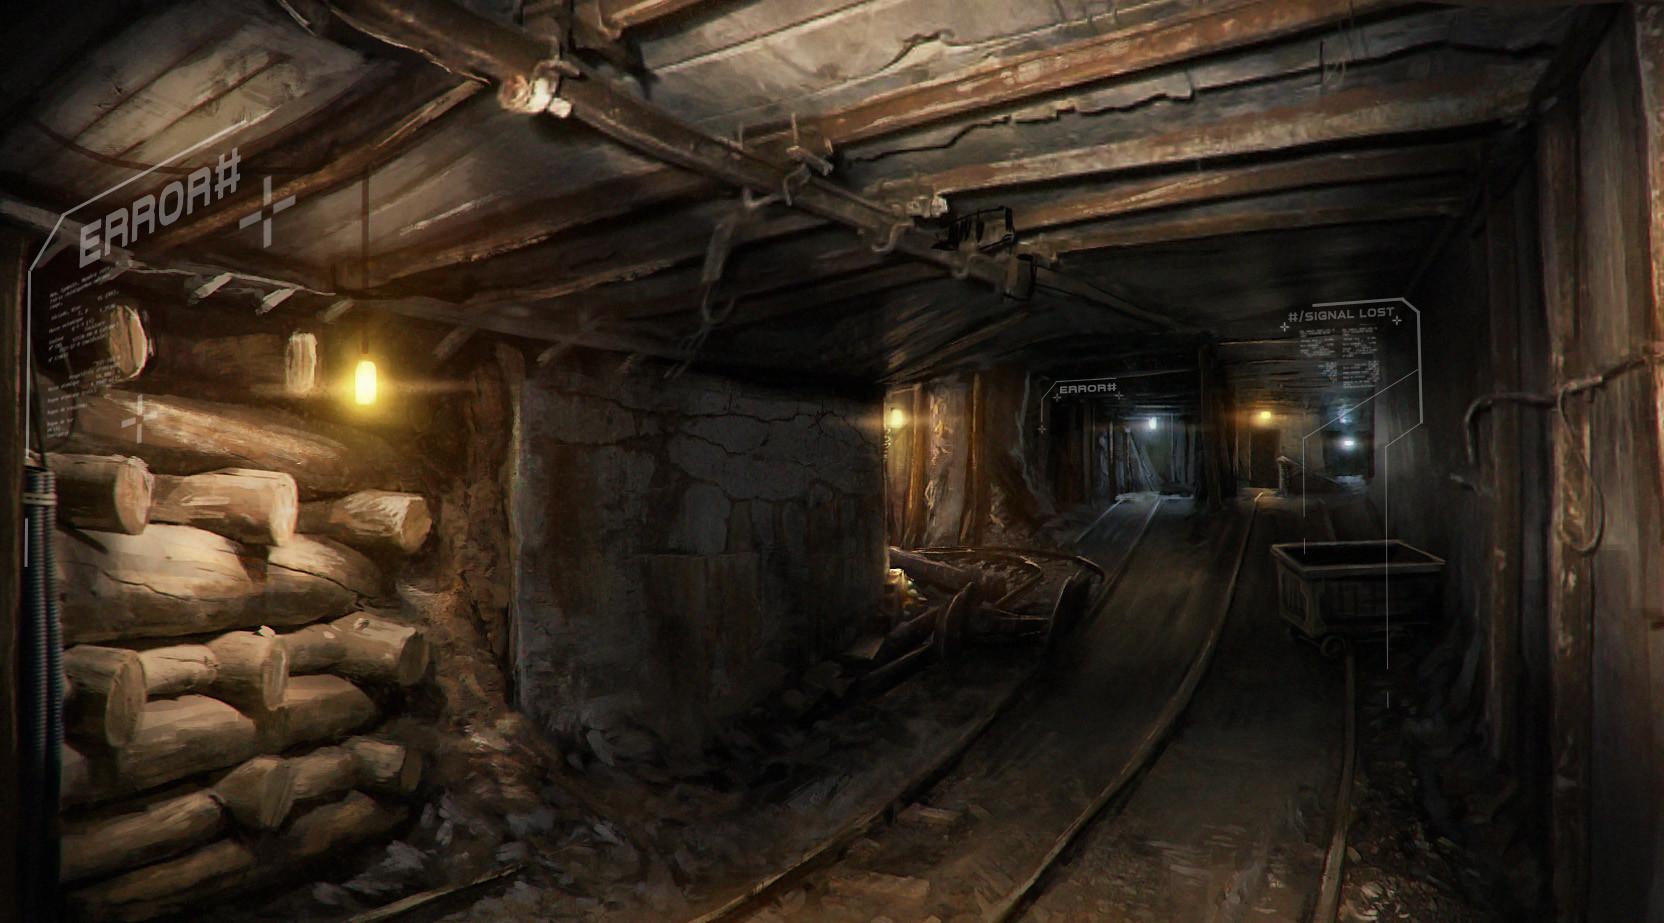 Loic liok bramoulle 03 interrieur mine